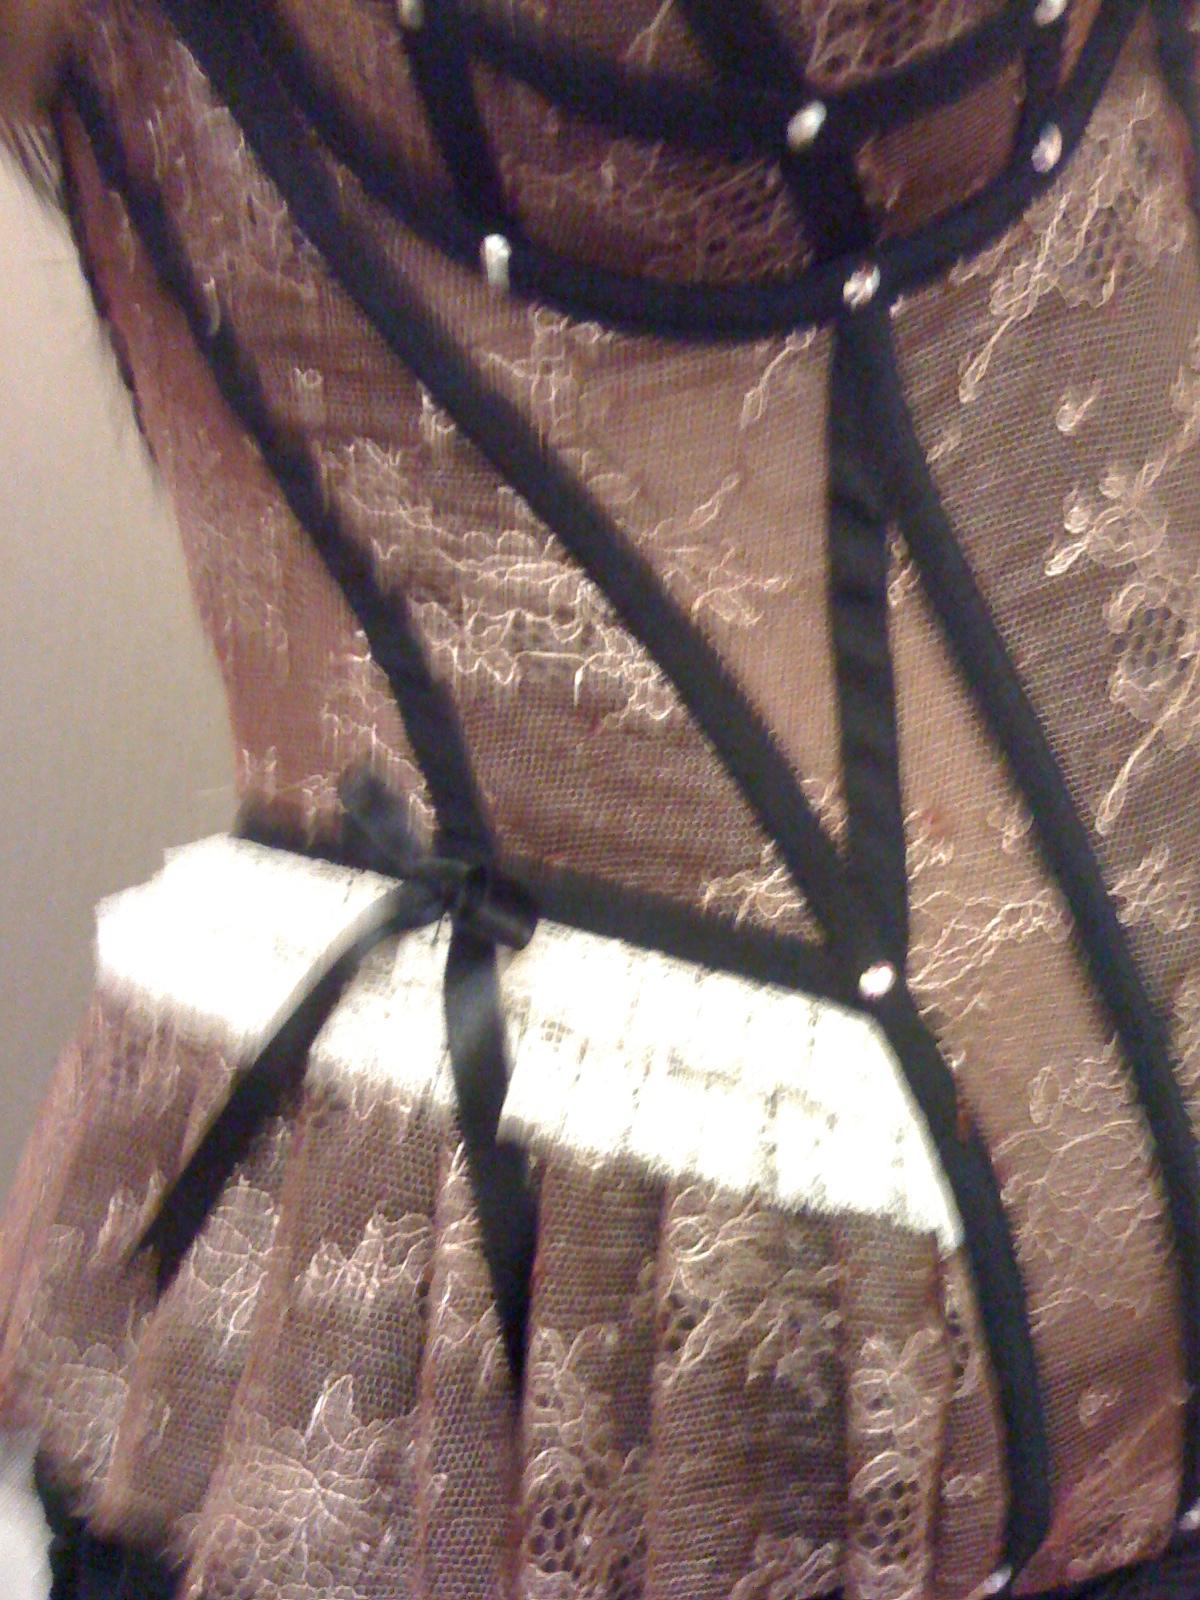 http://1.bp.blogspot.com/-Xsovk8Cro6Y/TdzKqhjg2AI/AAAAAAAAG3c/7PnQPJbZCck/s1600/1.JPG